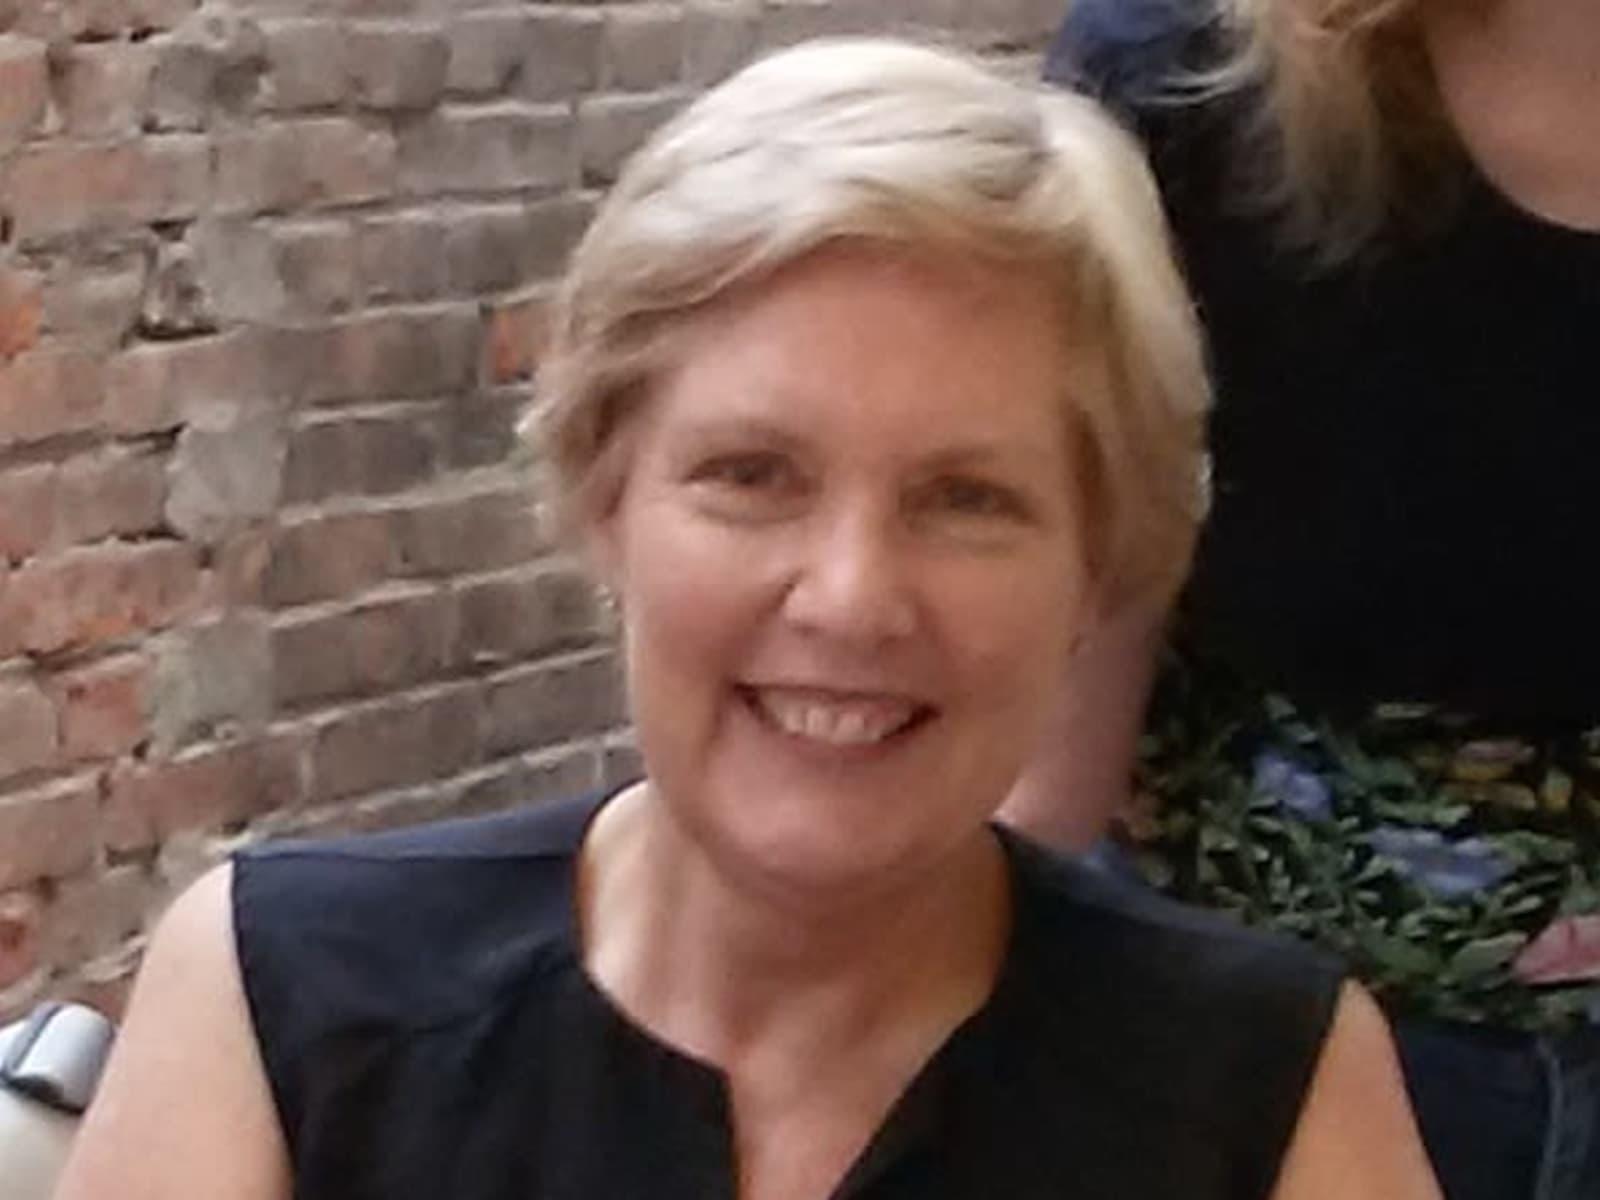 Dianne from Carrum, Victoria, Australia